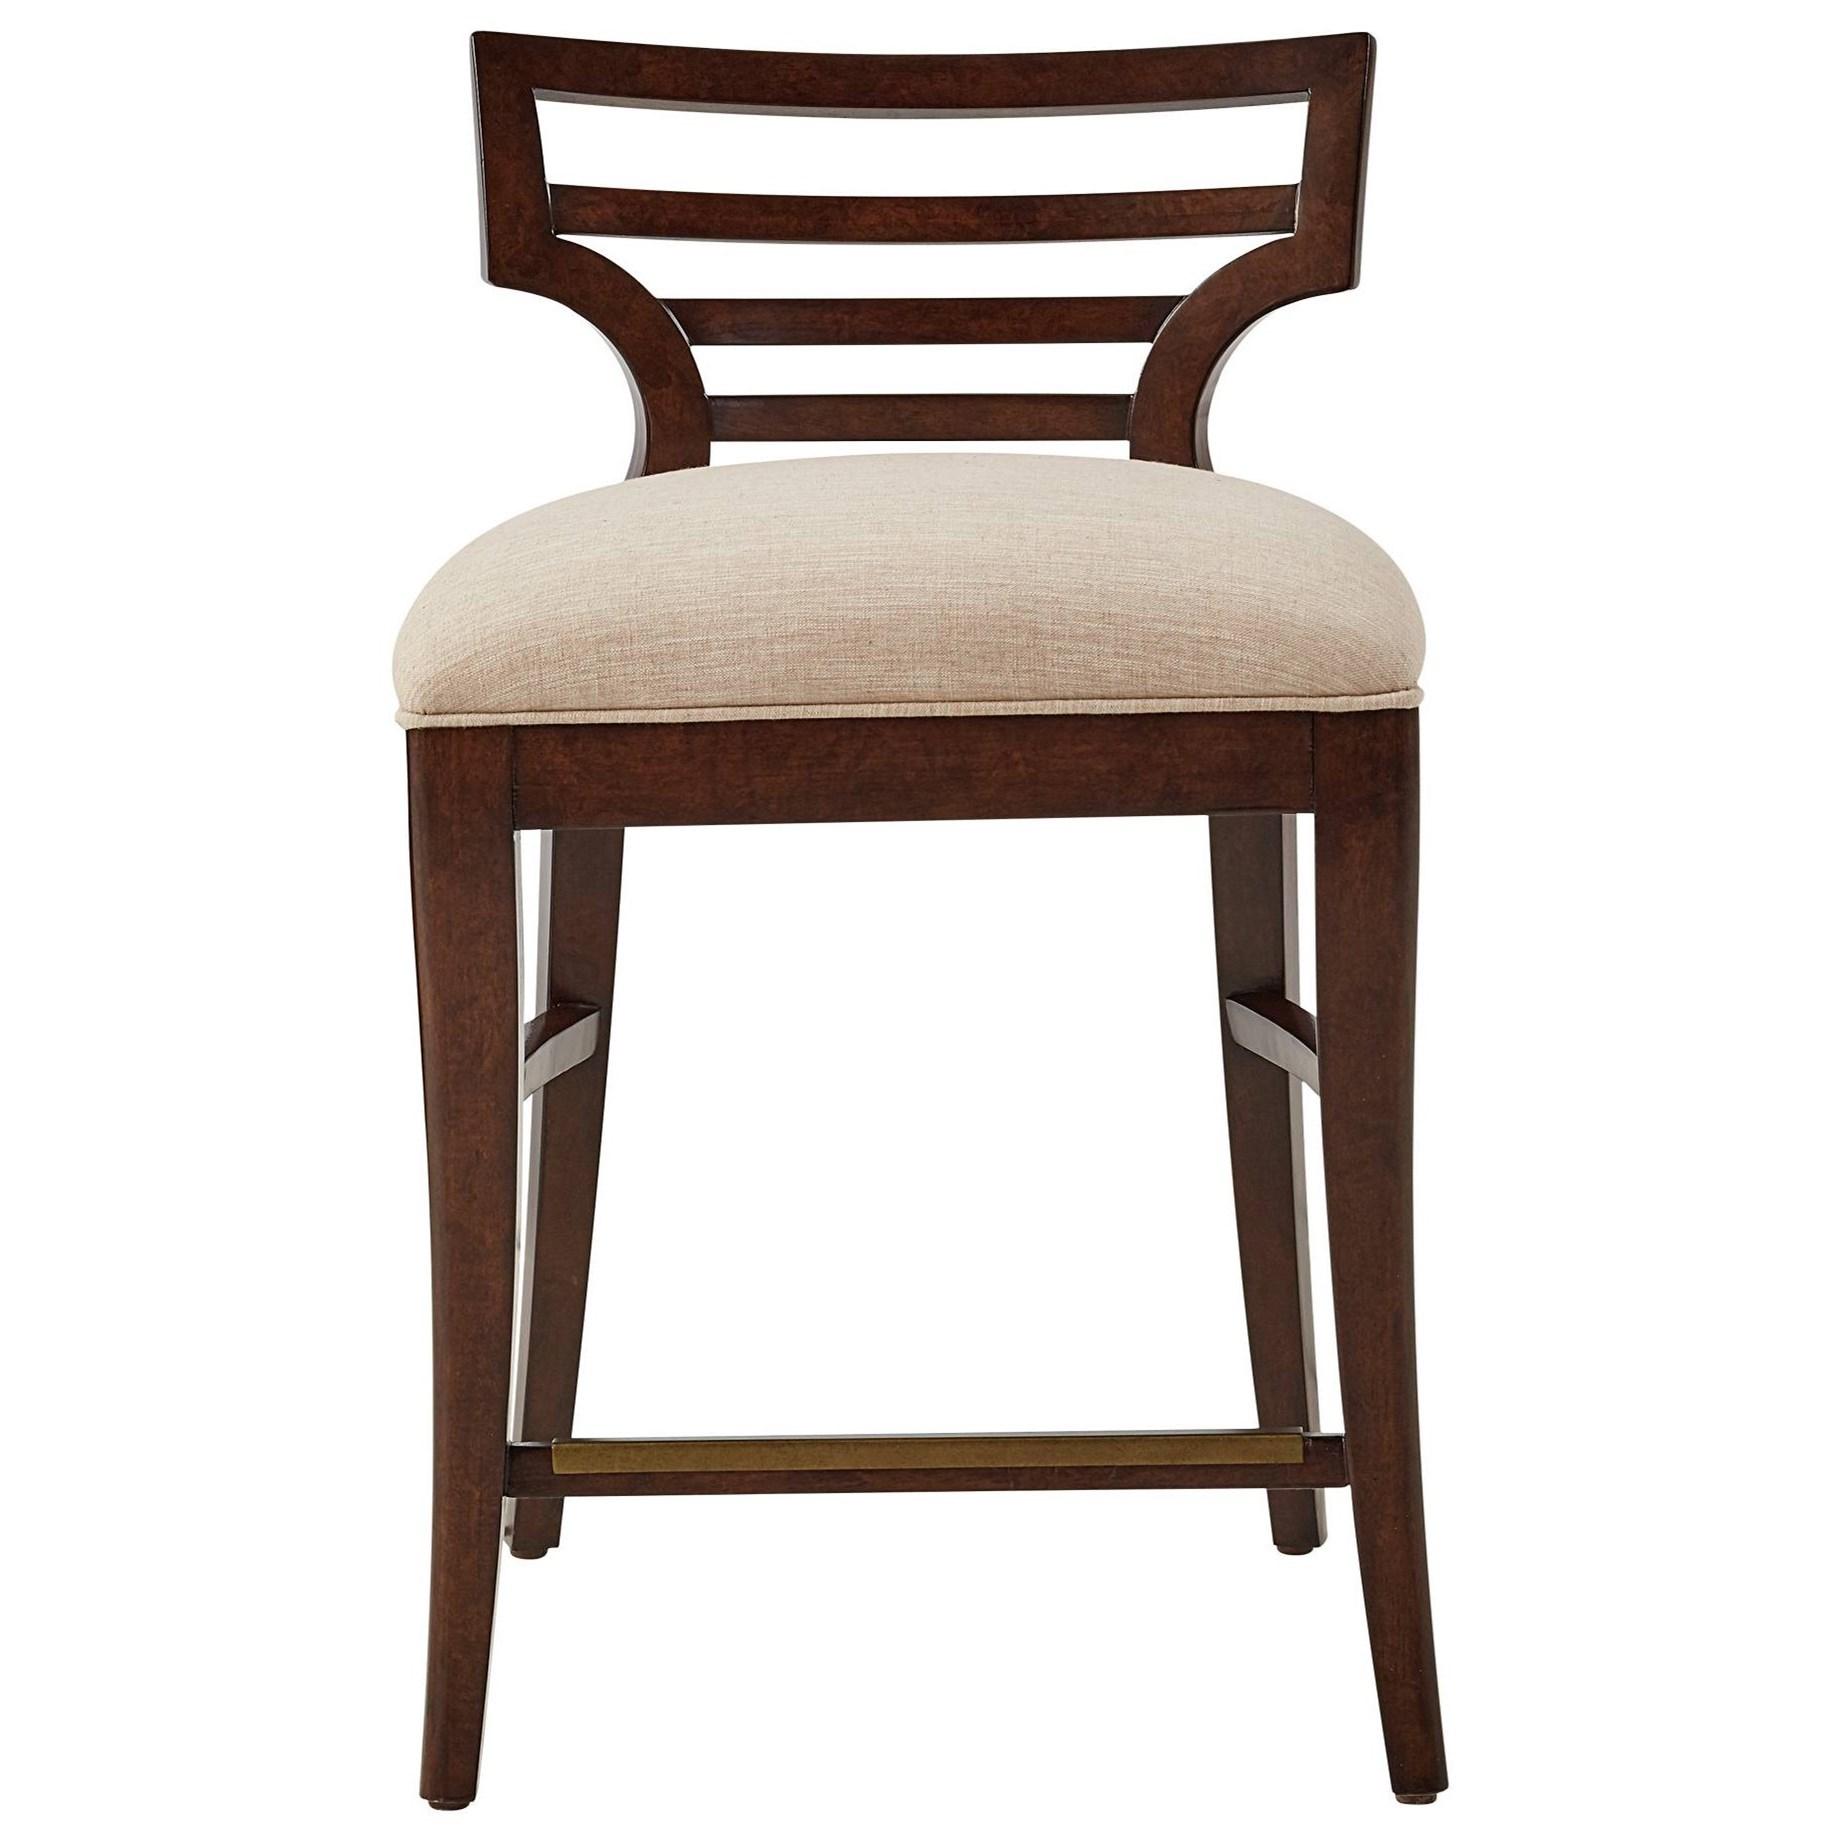 Stanley Furniture Virage Dining Room Set: Stanley Furniture Virage Counter Stool With Upholstered